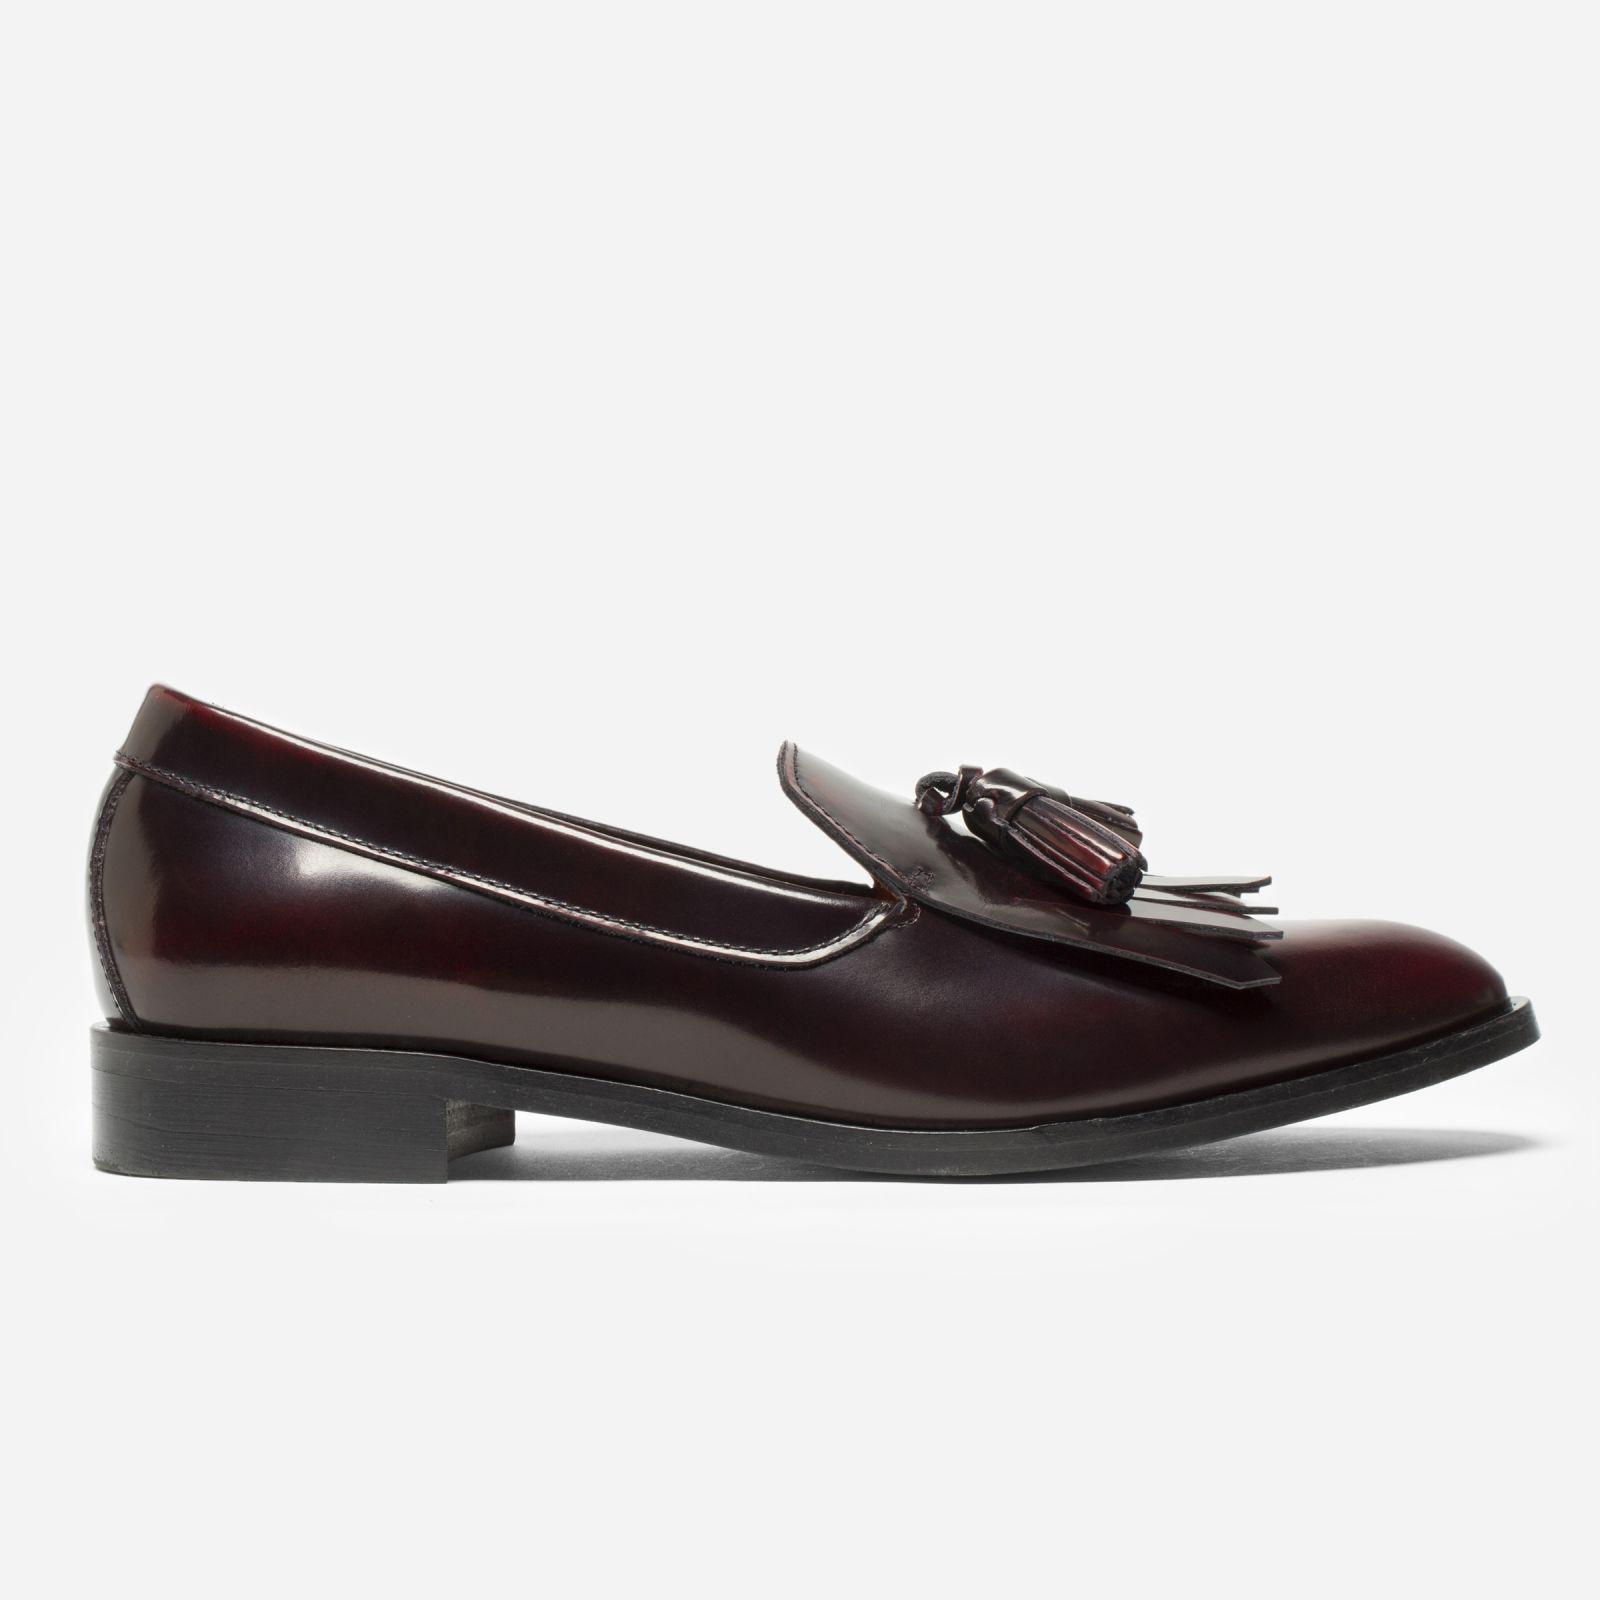 4aaf0bb2fe5 Everlane. Women s The Modern Tassel Loafer